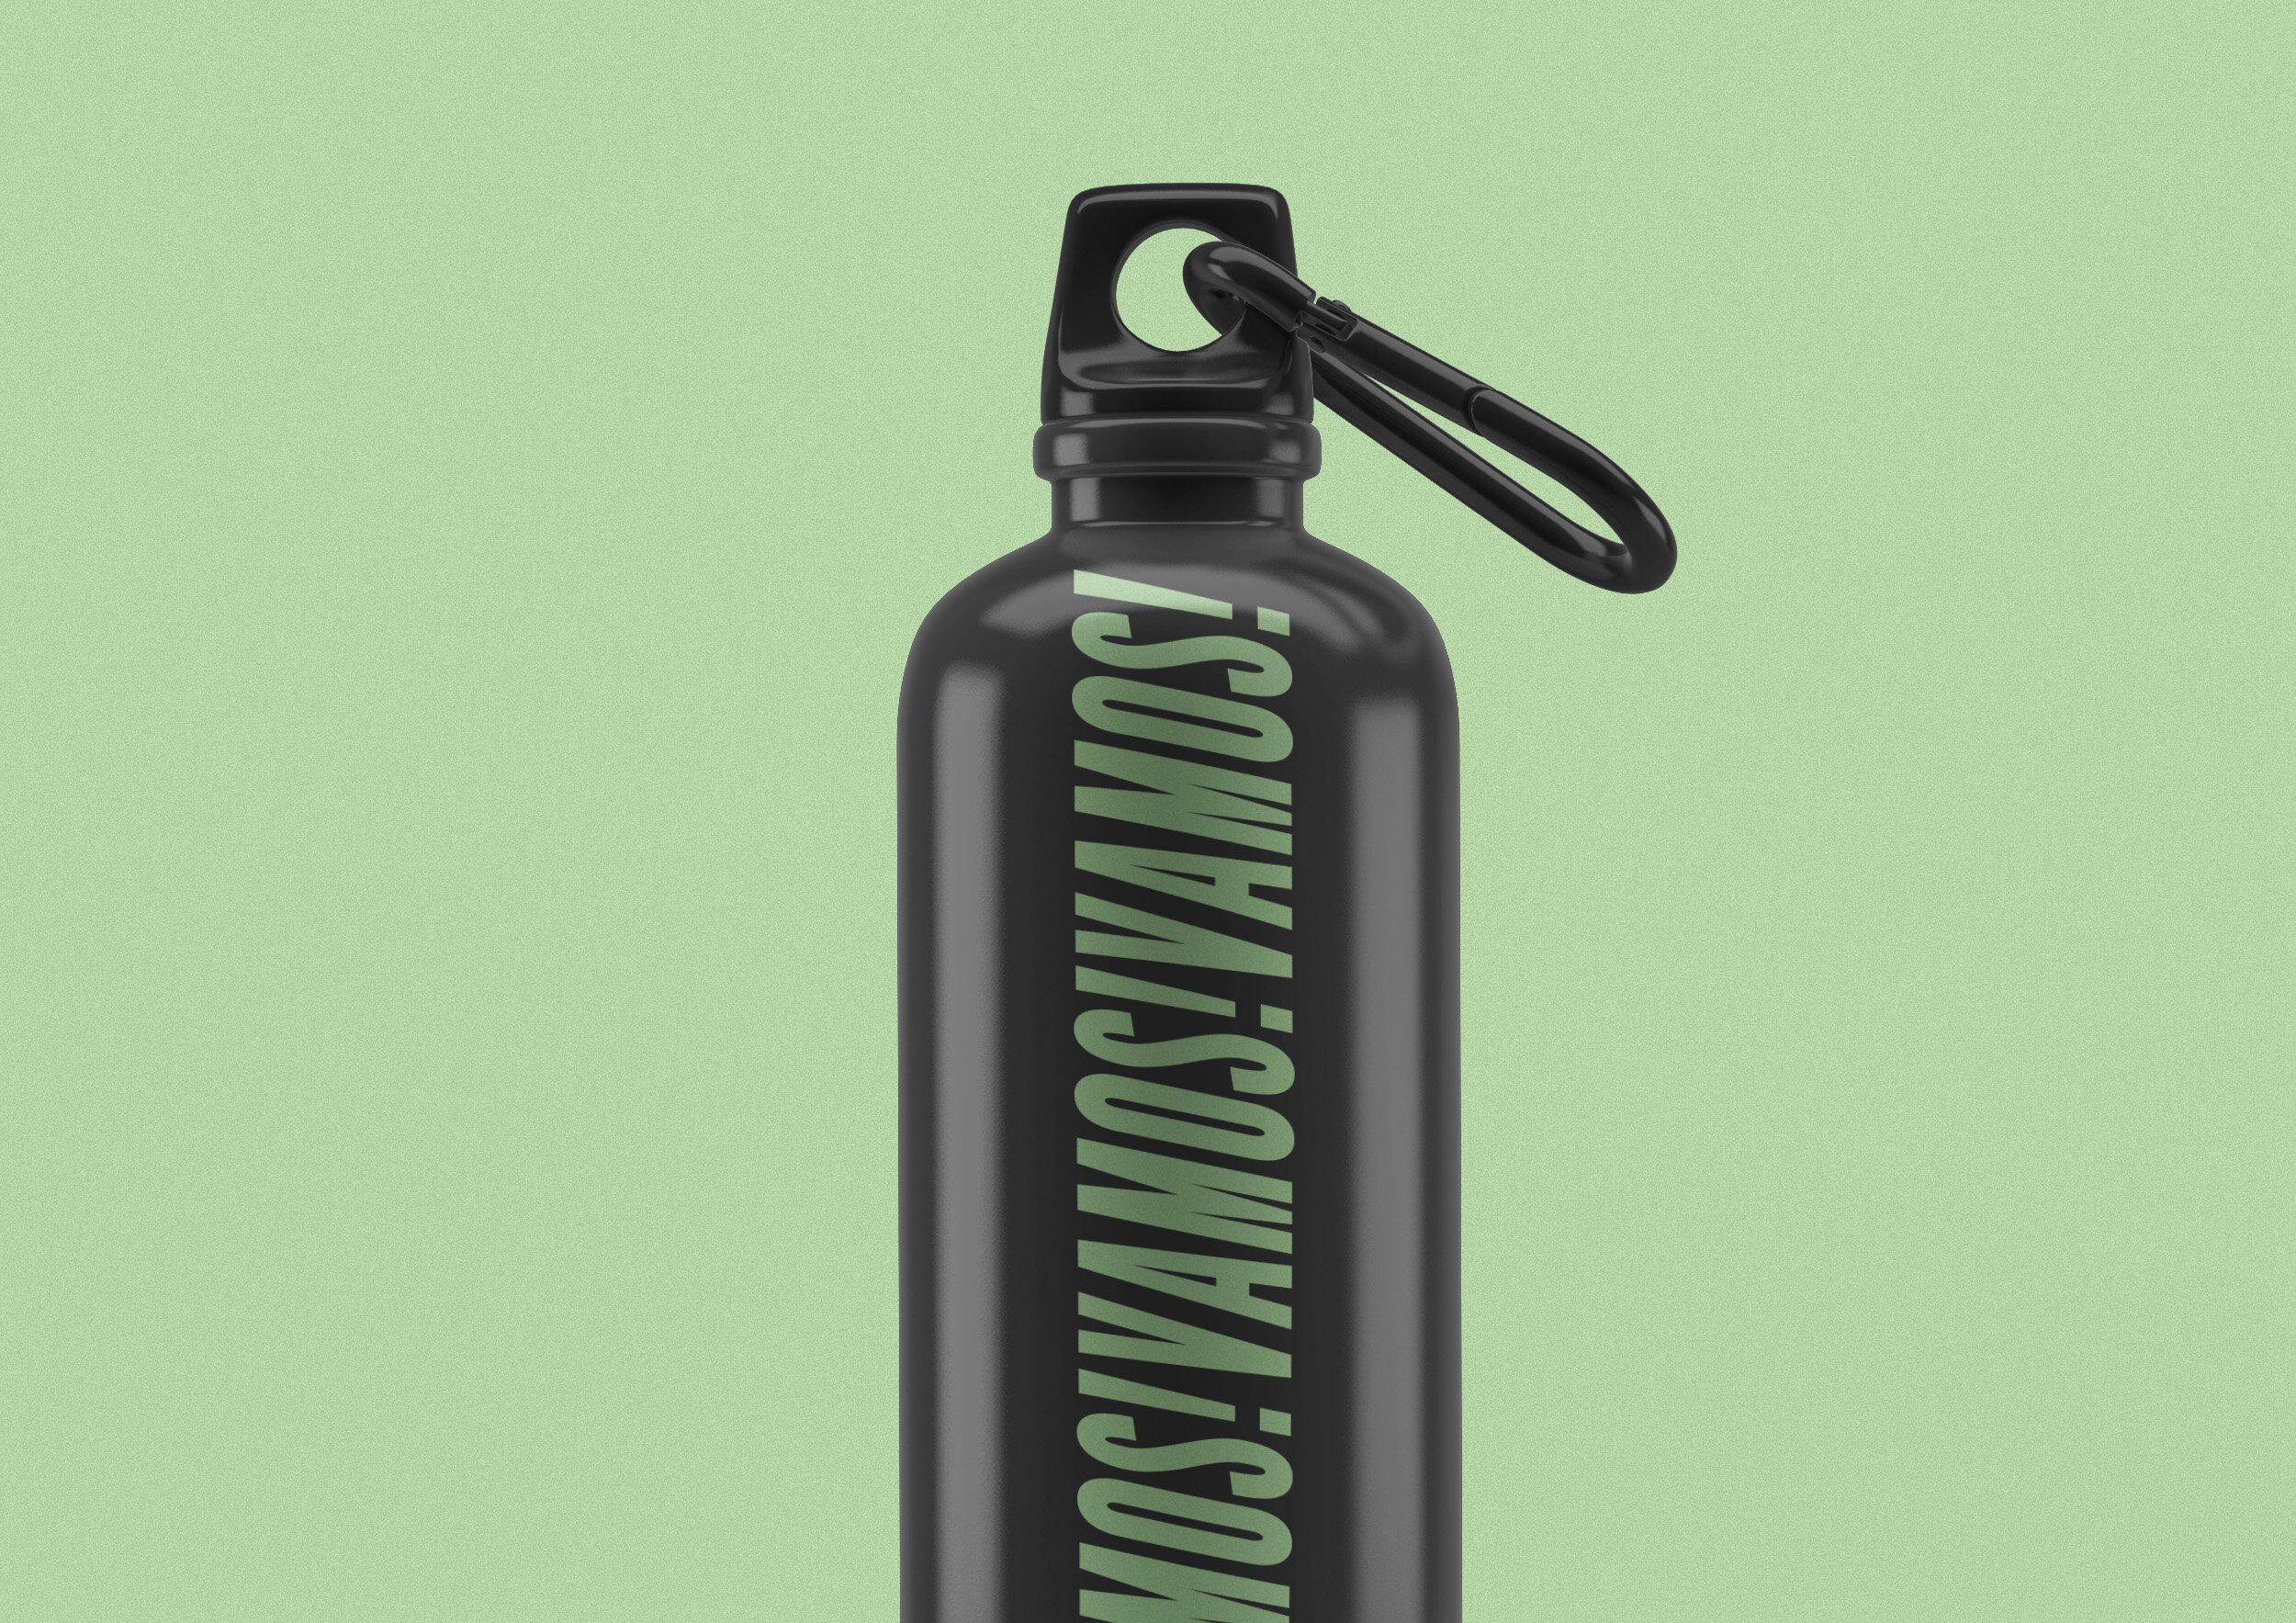 Vamos_bottle_02.jpg